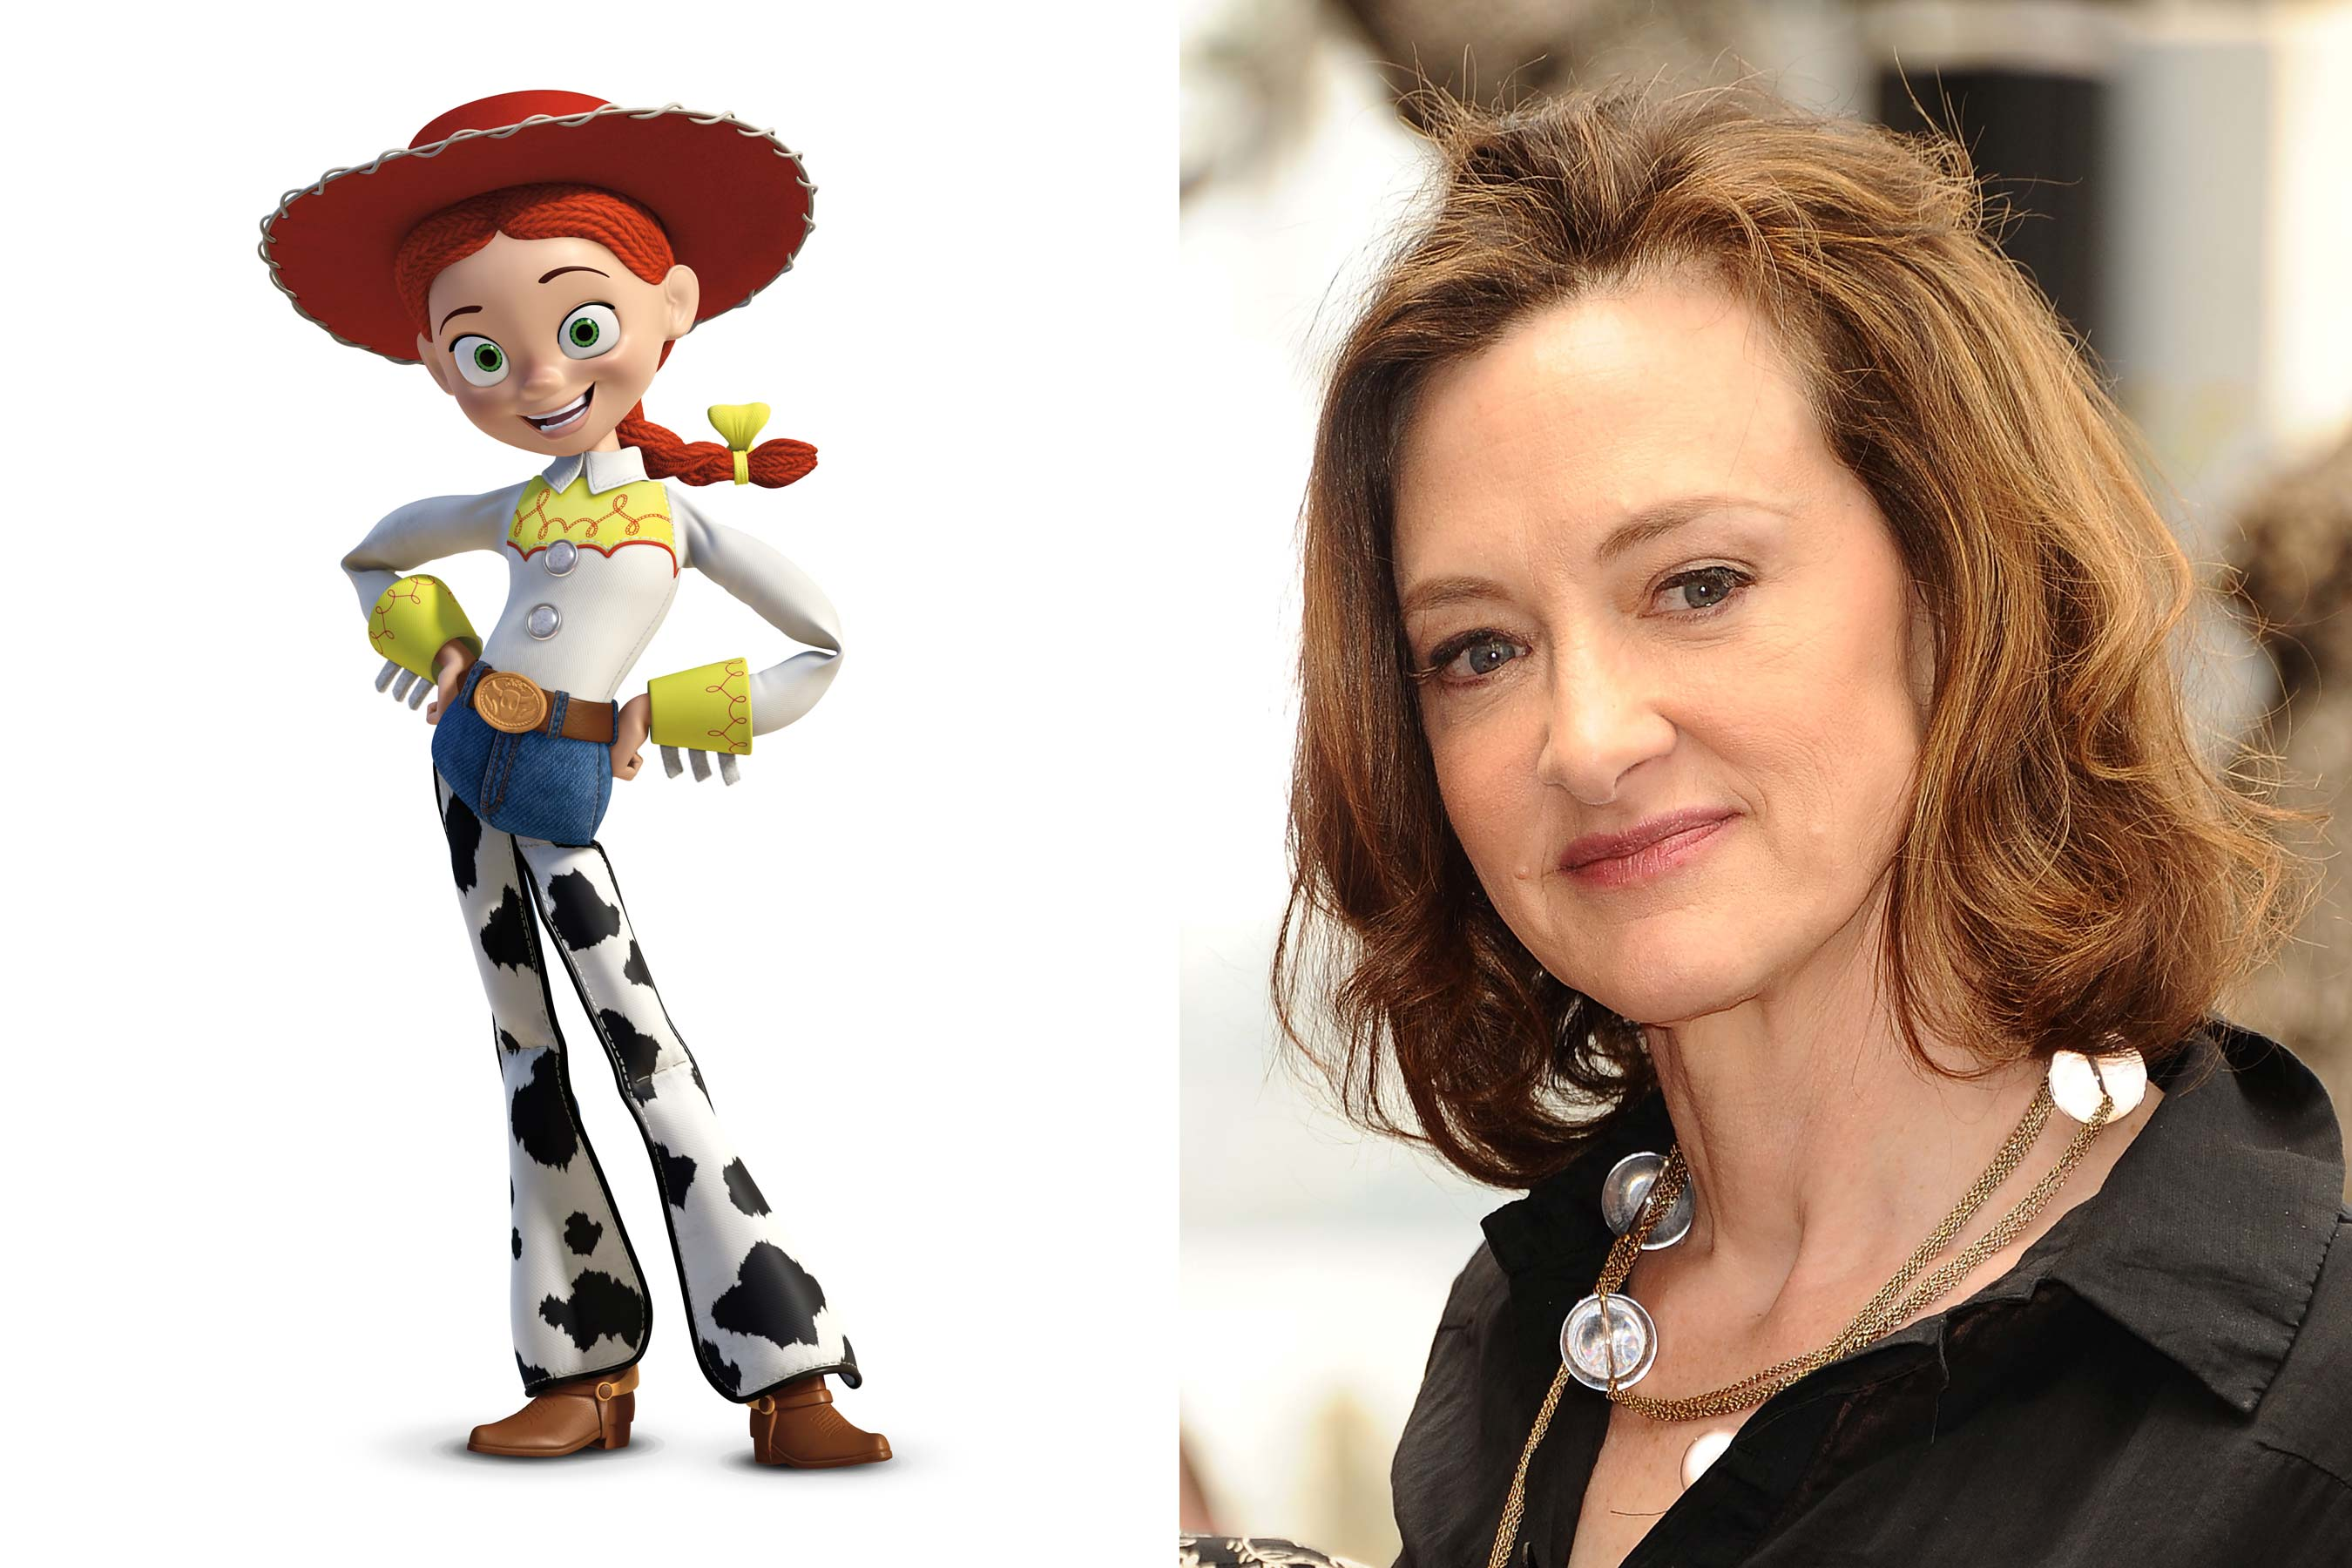 Jessie - Joan Cusack (Toy Story 2-3)